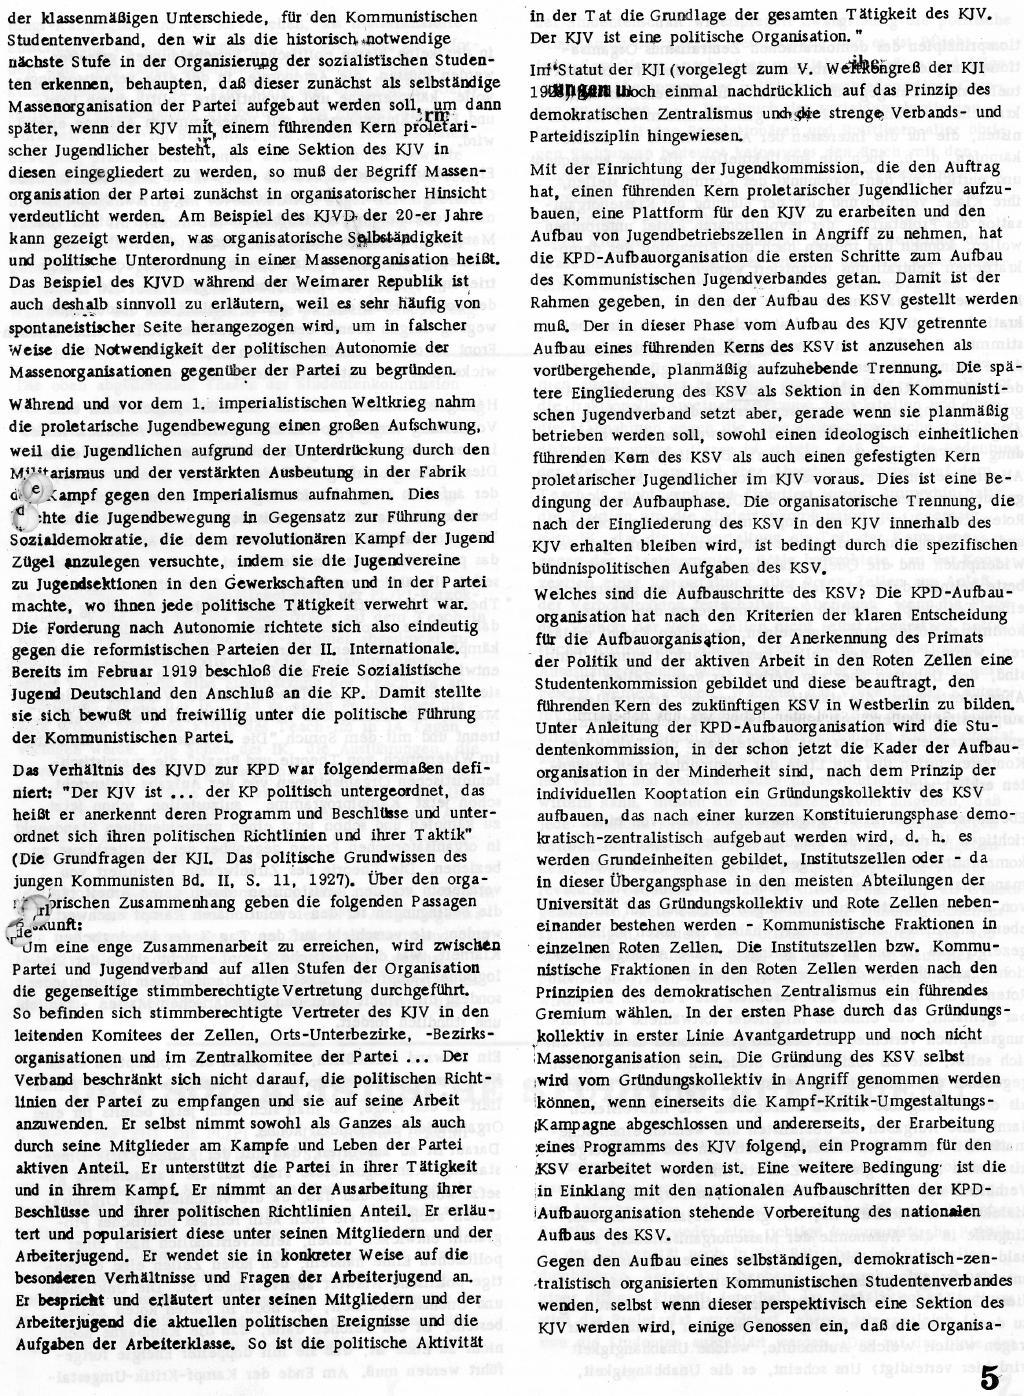 RPK_1970_088_05